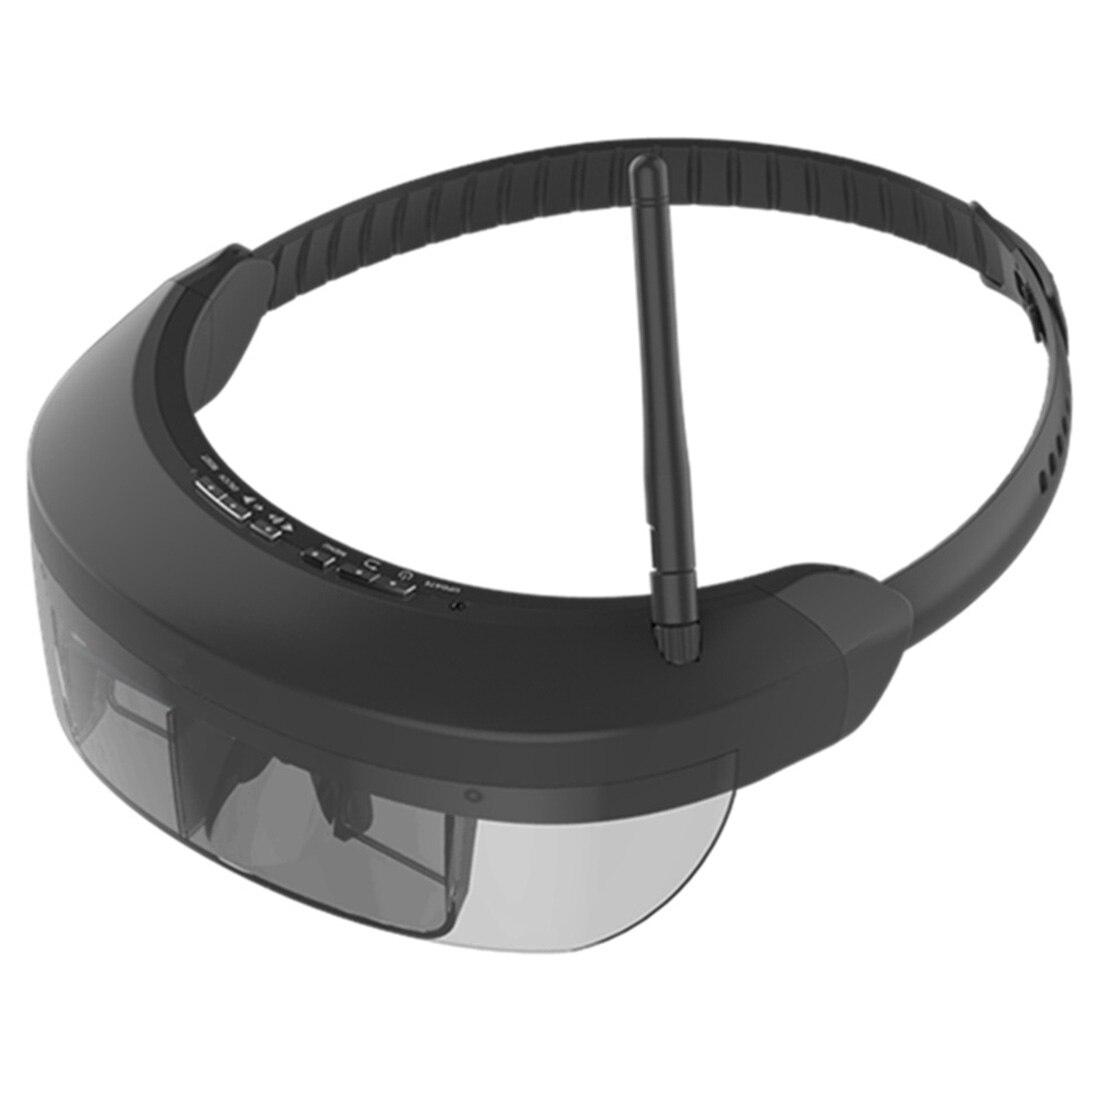 Беспроводной FPV очки 3D видео очки Vision-730S с 5,8 Г 40CH 98 дюймов Дисплей частной виртуальной Театр для FPV Quadcopter